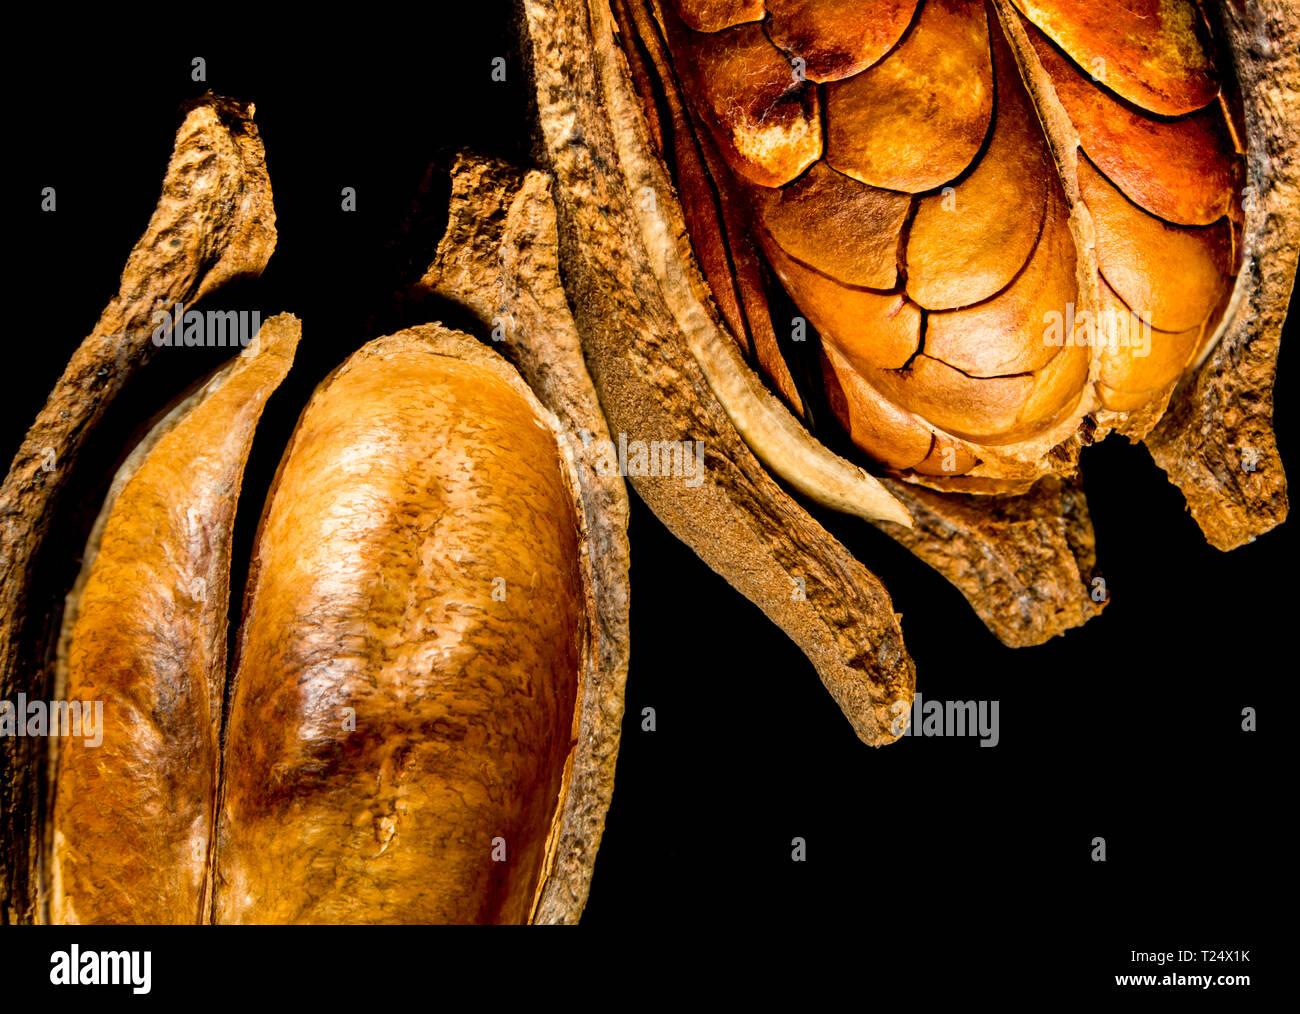 Afzelia Quanzensis 5 Samen Wunderschöne Schote Mahagoni